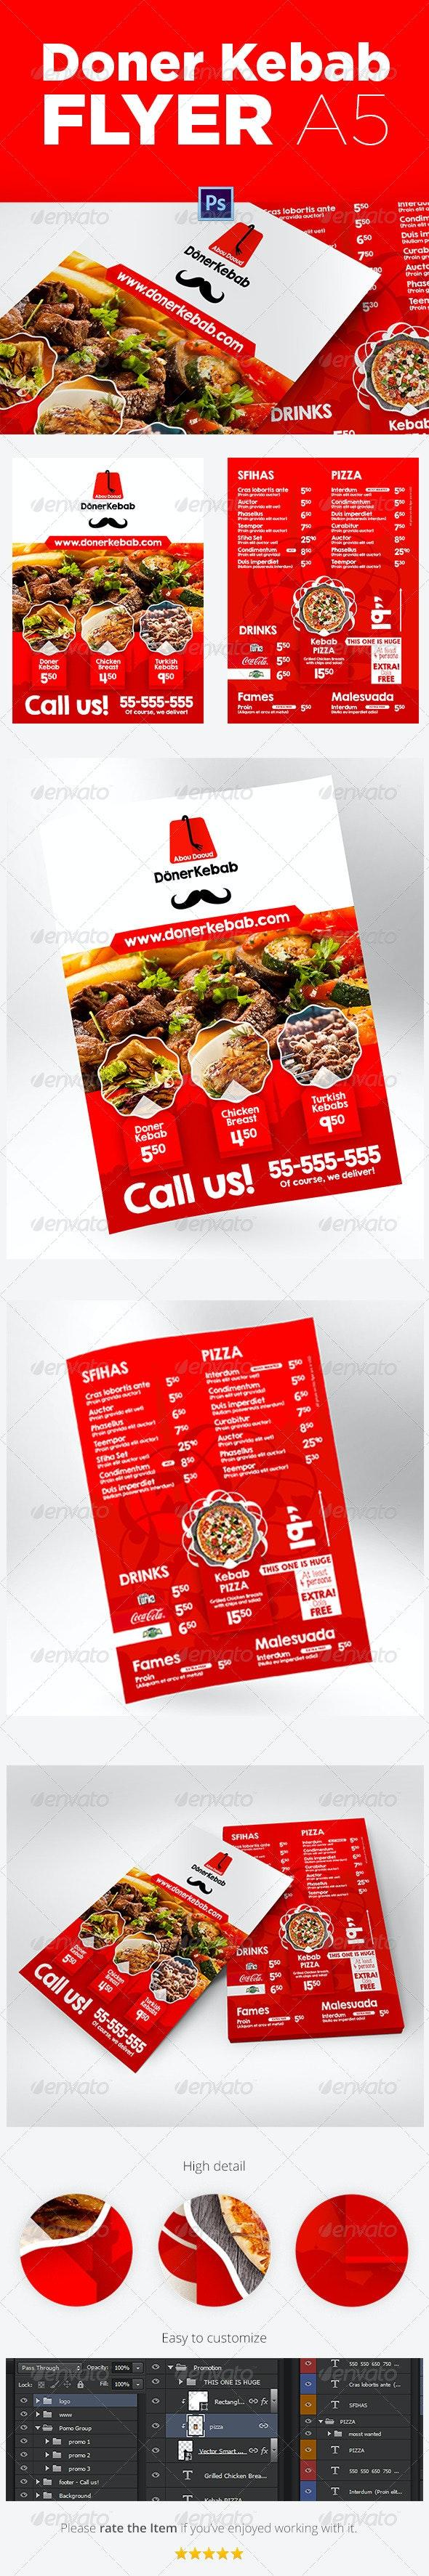 Doner Kebab A5 Flyer - Restaurant Flyers